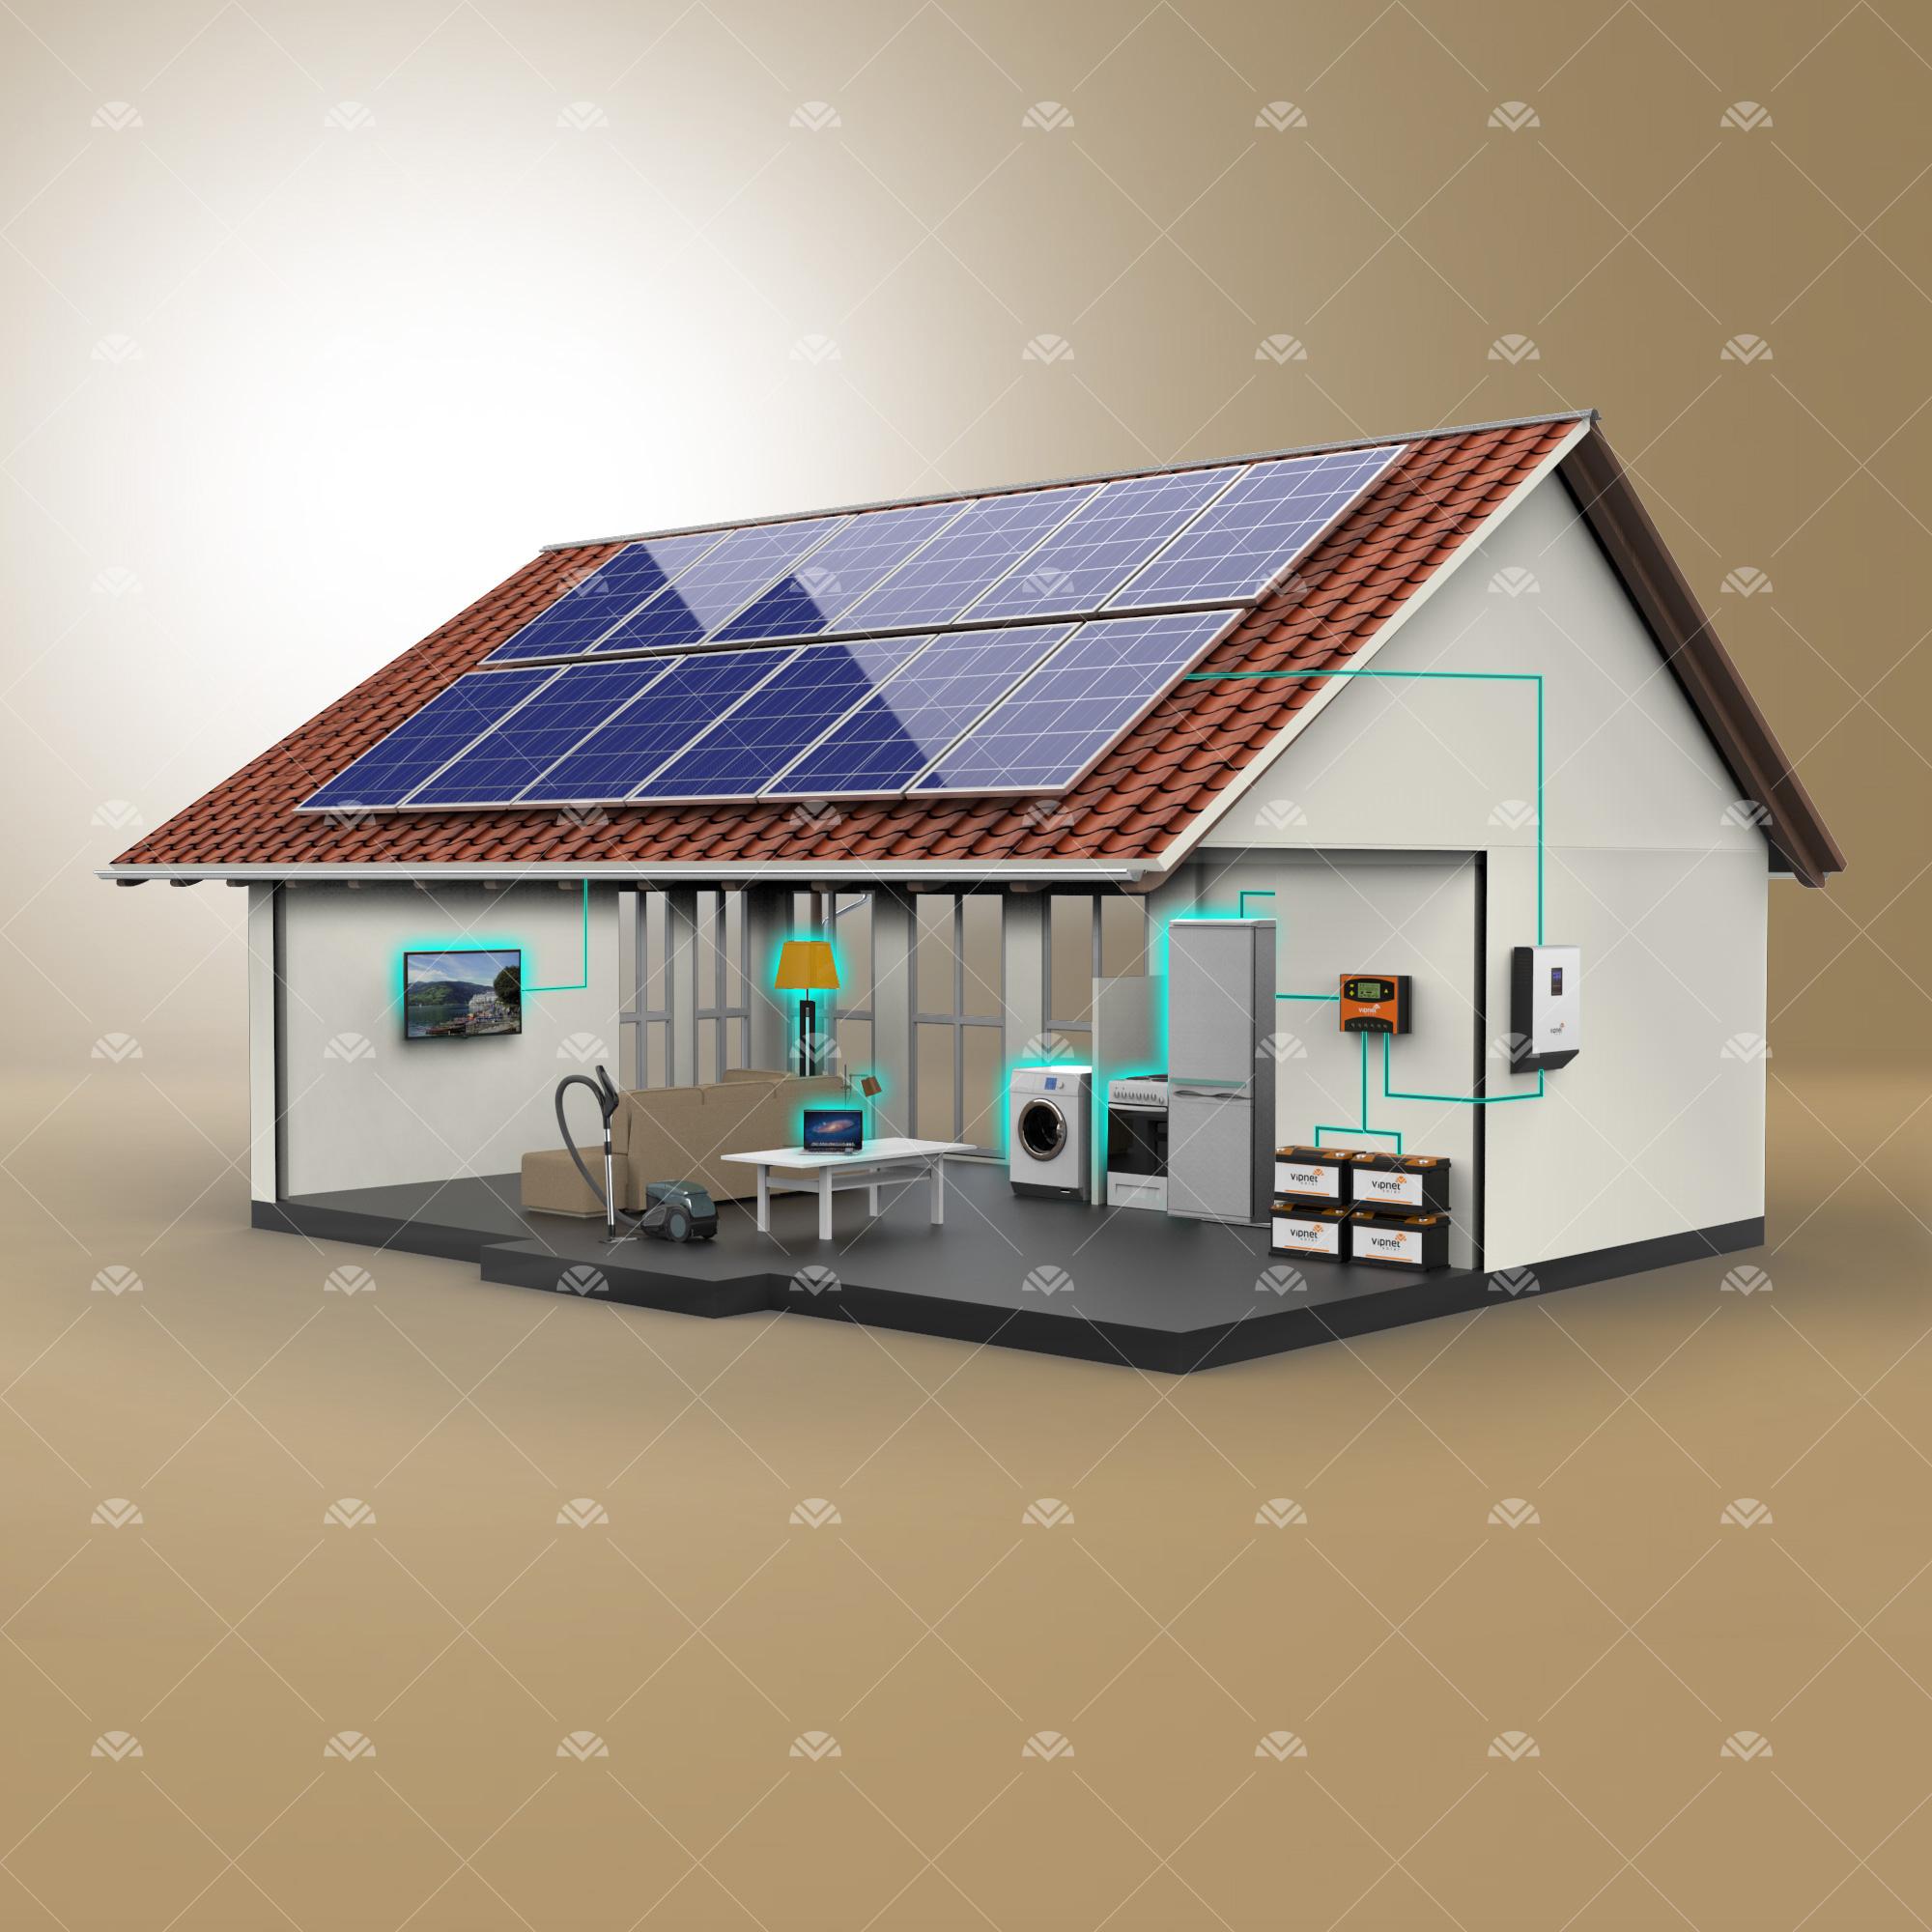 Solar Paket 8-lambalar, tv, süpürge, büyük buzdolabı, çamaşır makinesi, ev aletleri, su pompası